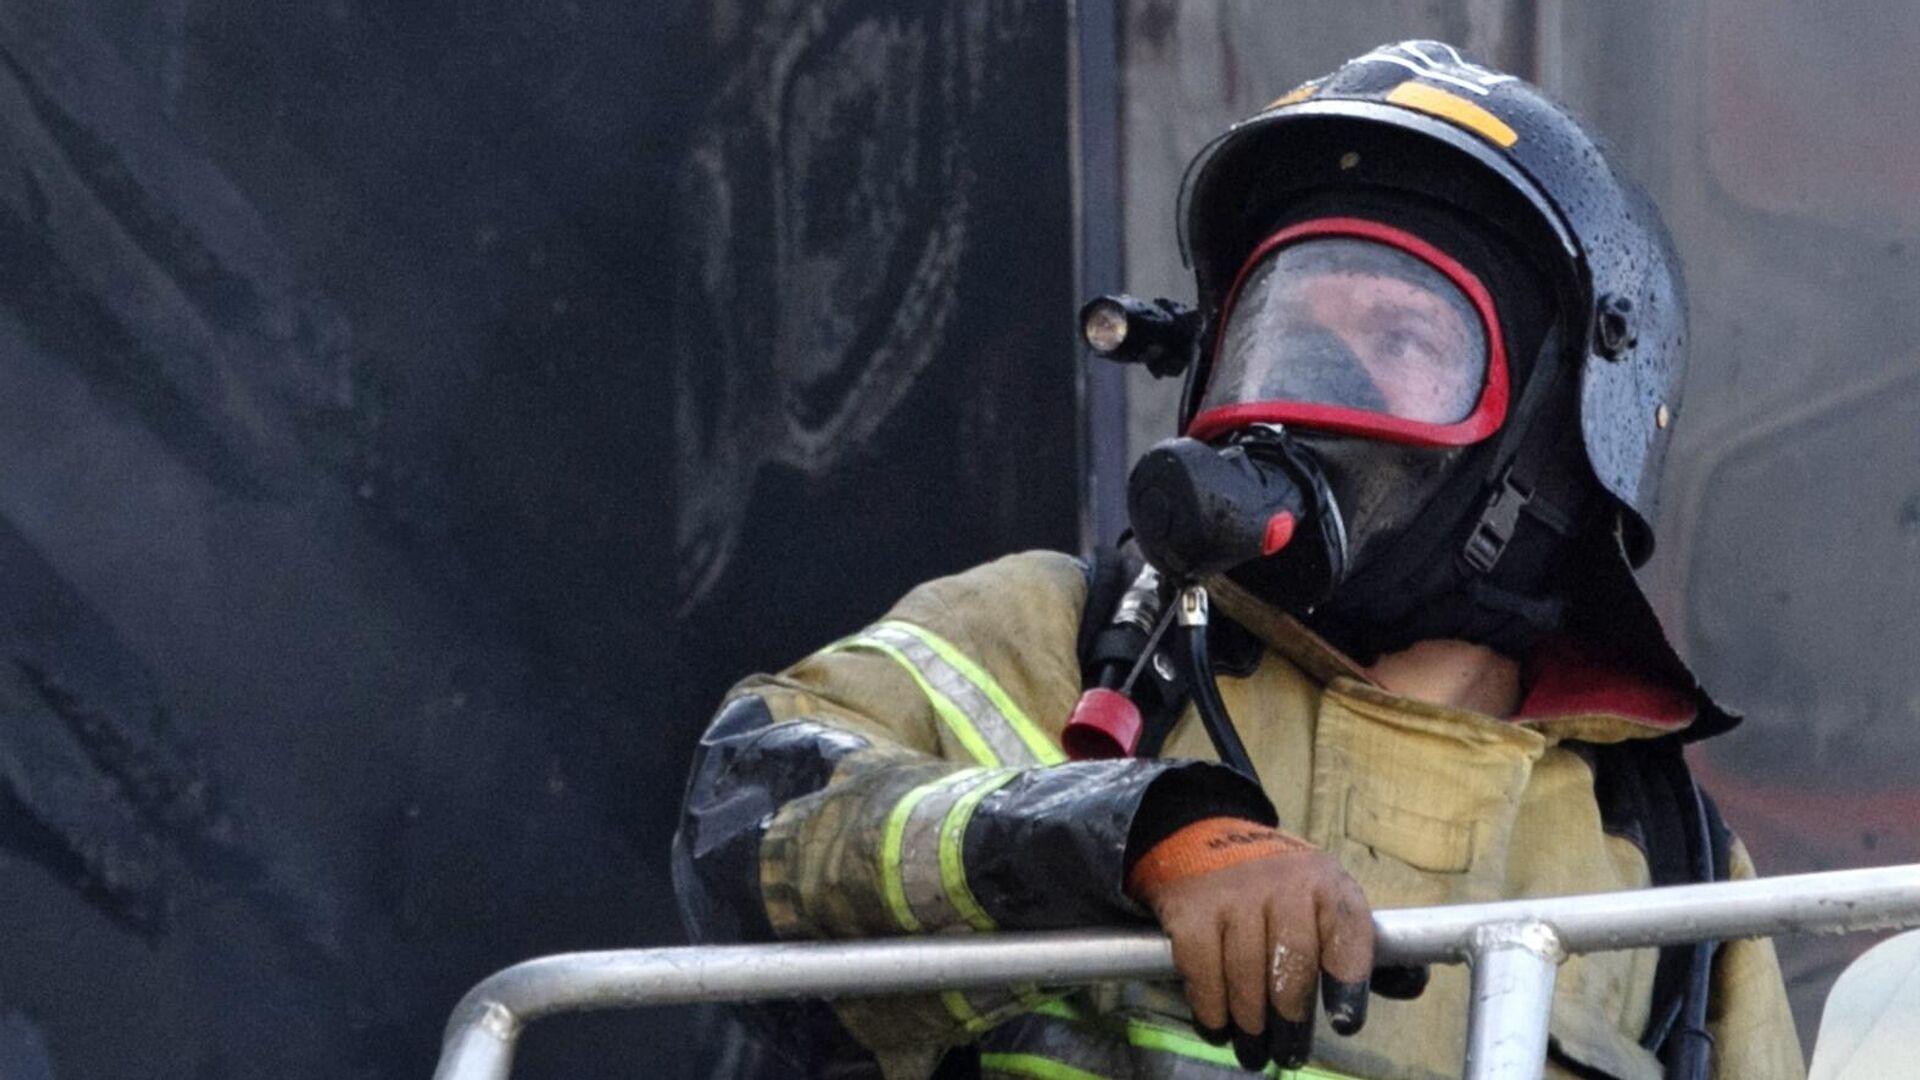 При пожаре в забитой мусором квартире в Петербурге погиб человек